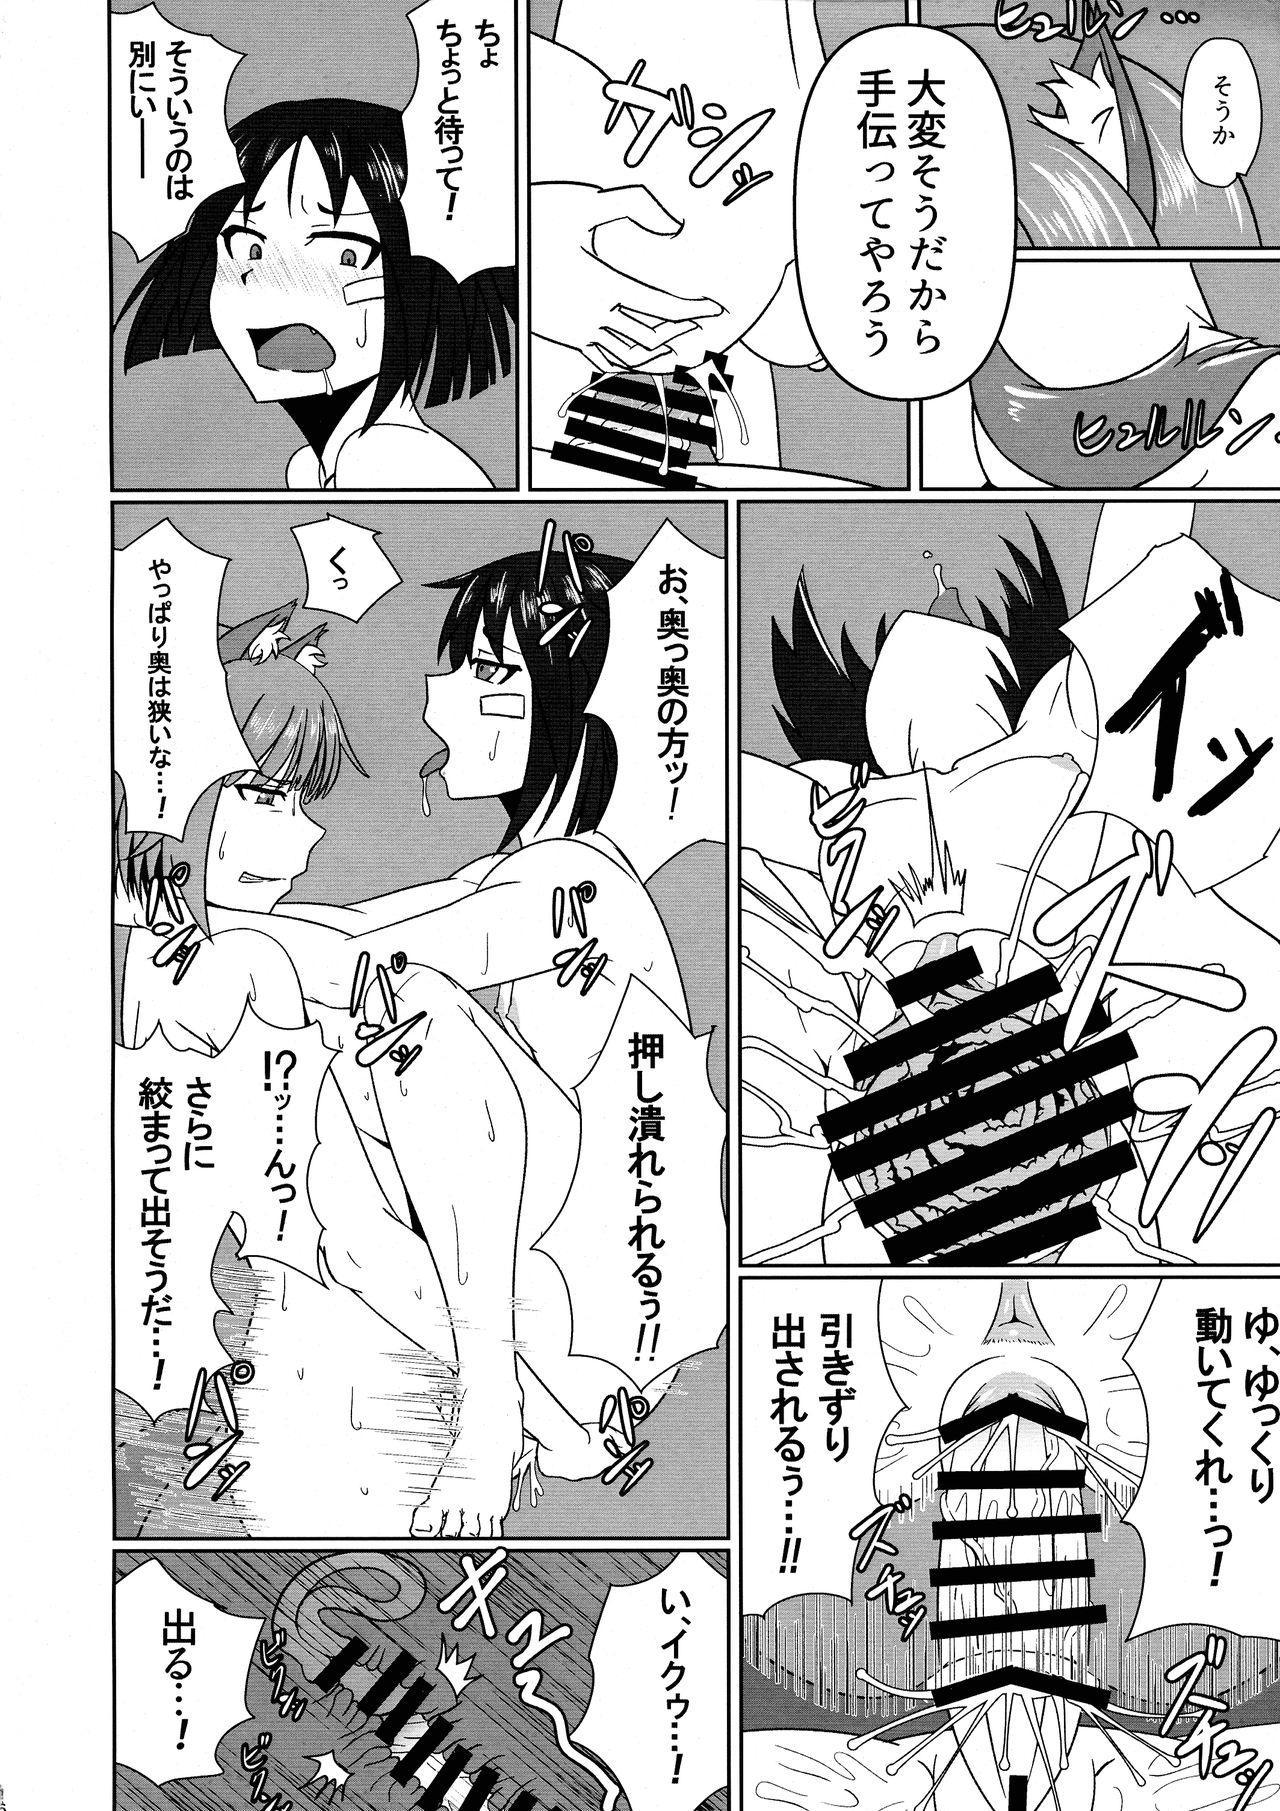 Nao-chan no Houshi Katsudou 15